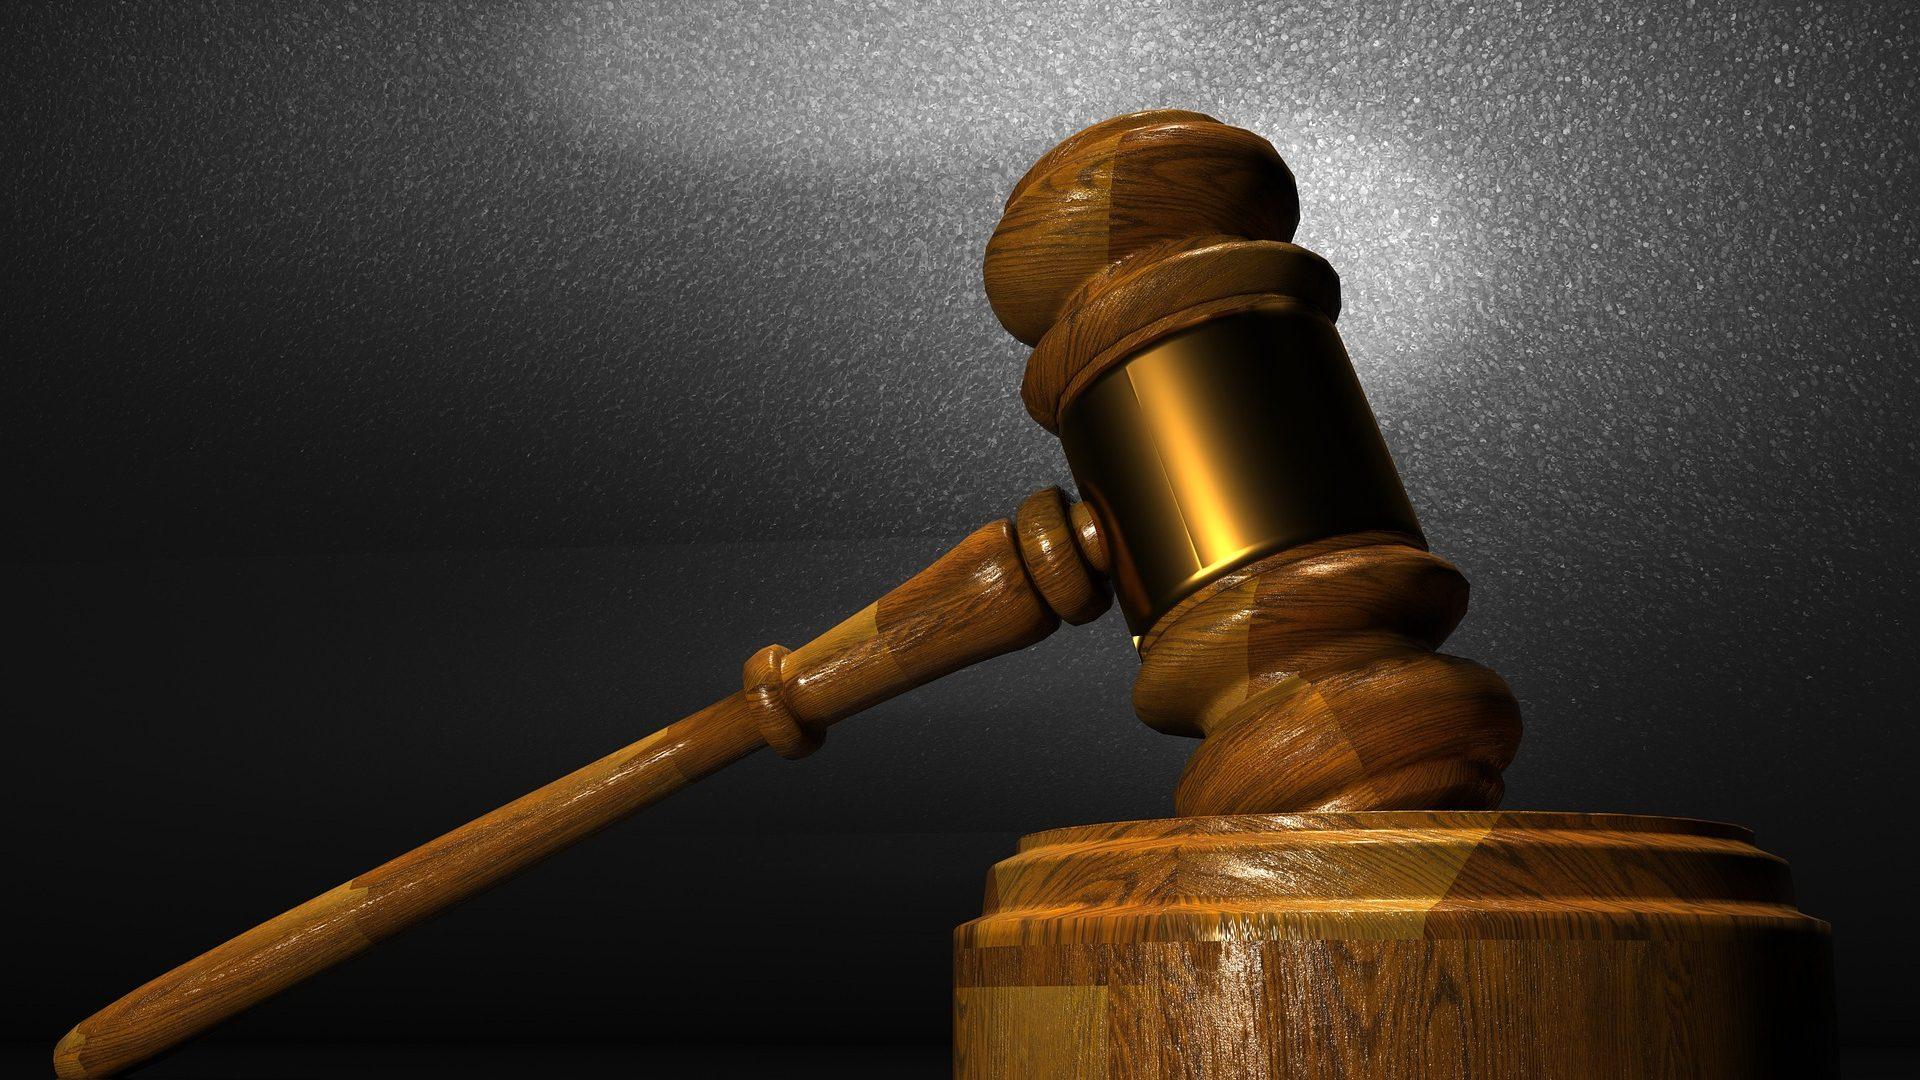 סוכן הביטוח רונן משיח הורשע על פי הודאתו ב-7 עבירות של מסירת ידיעות ודוחות לא נכונים לרשויות המס